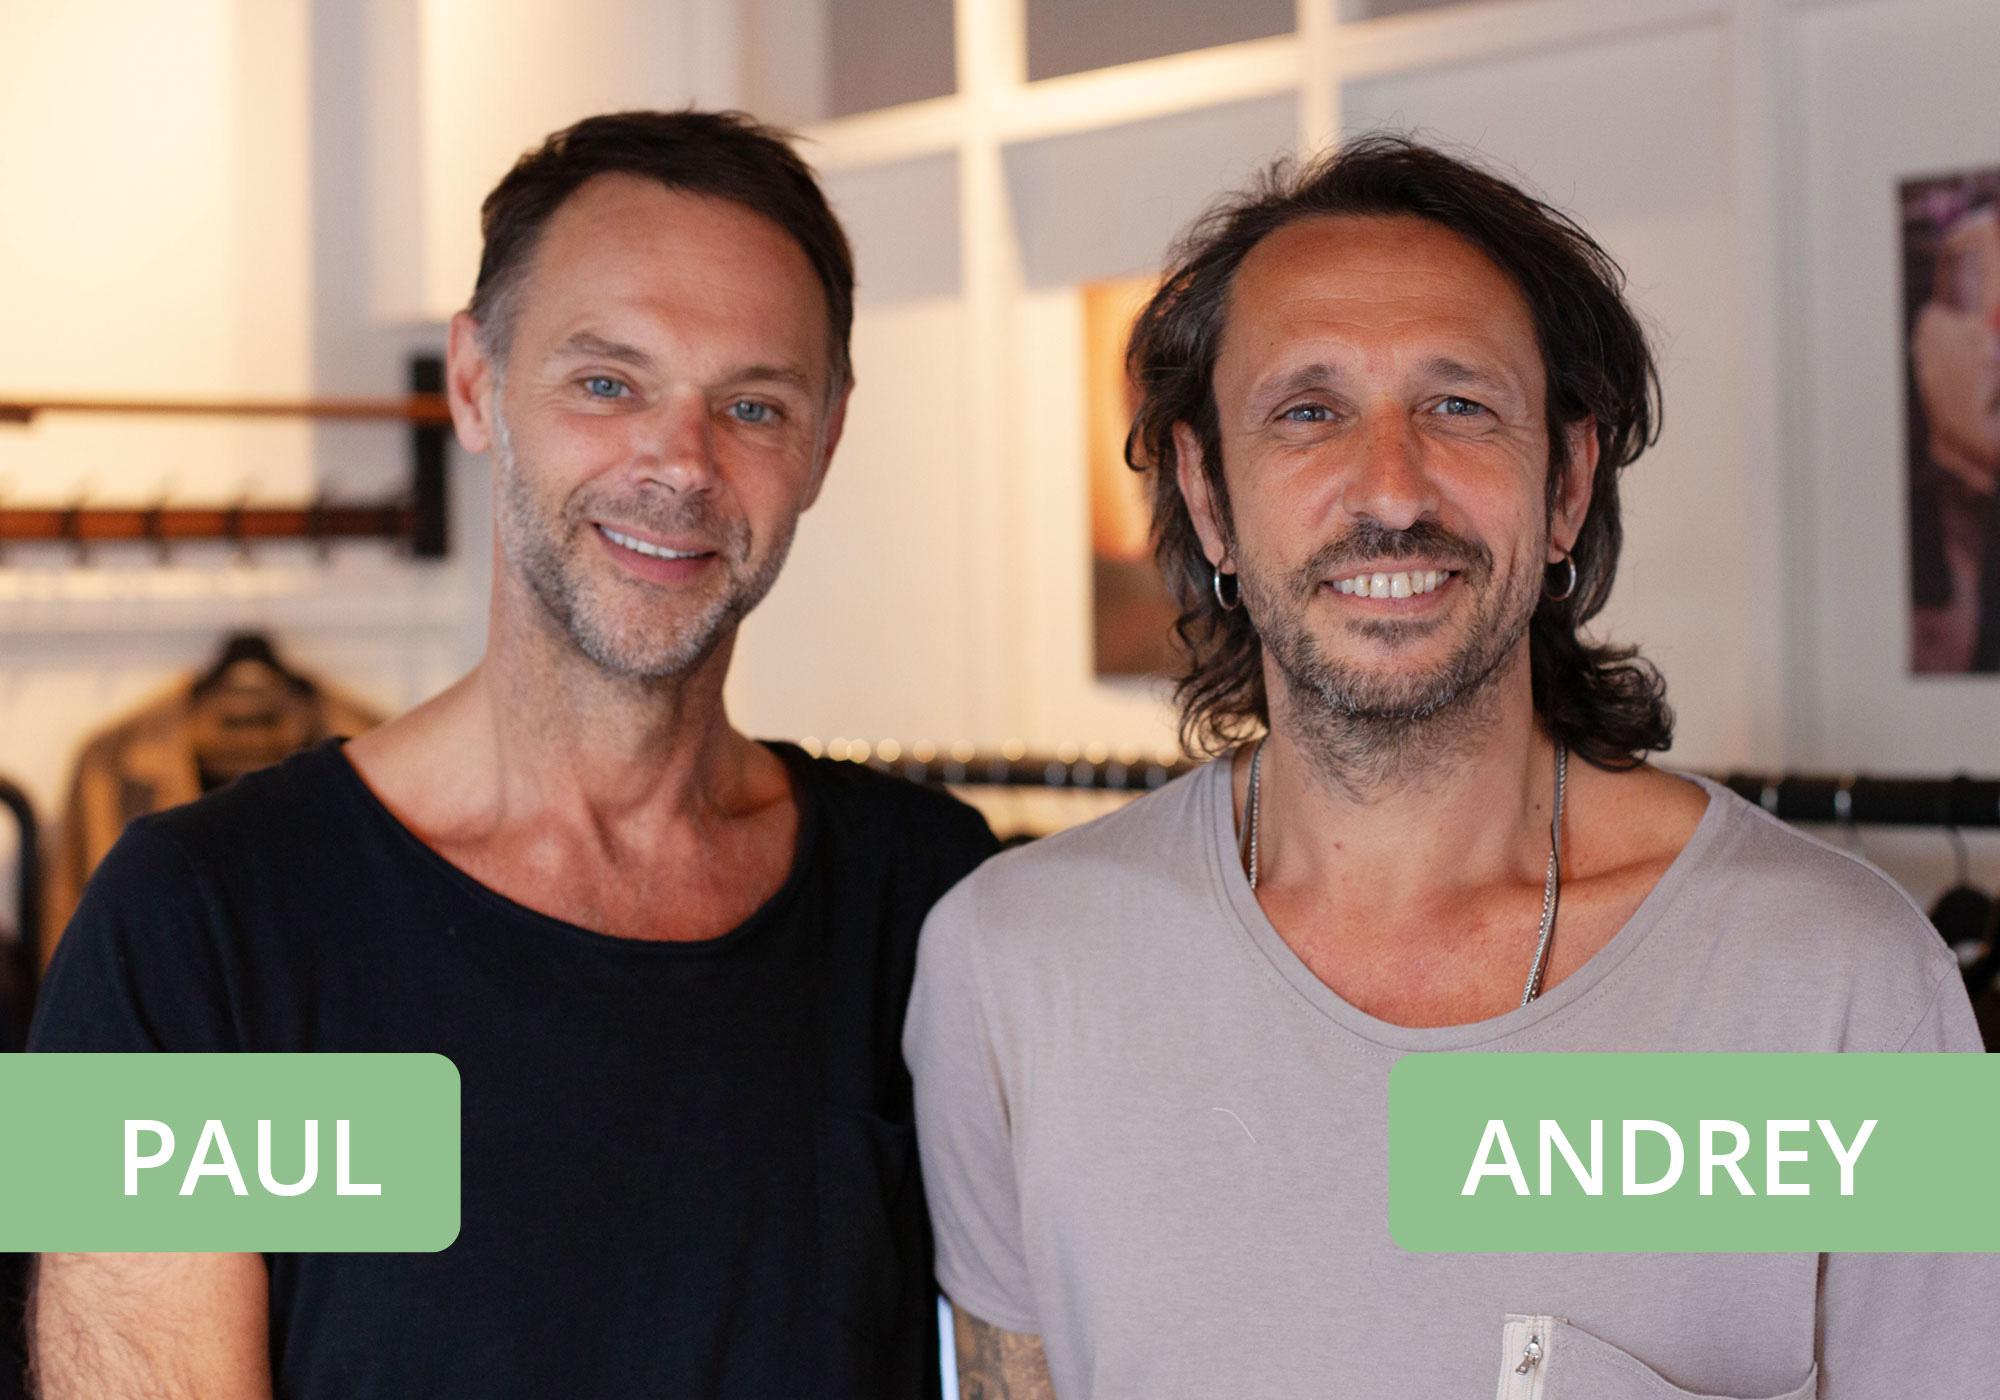 project-yoga-about-paul-en-andrey